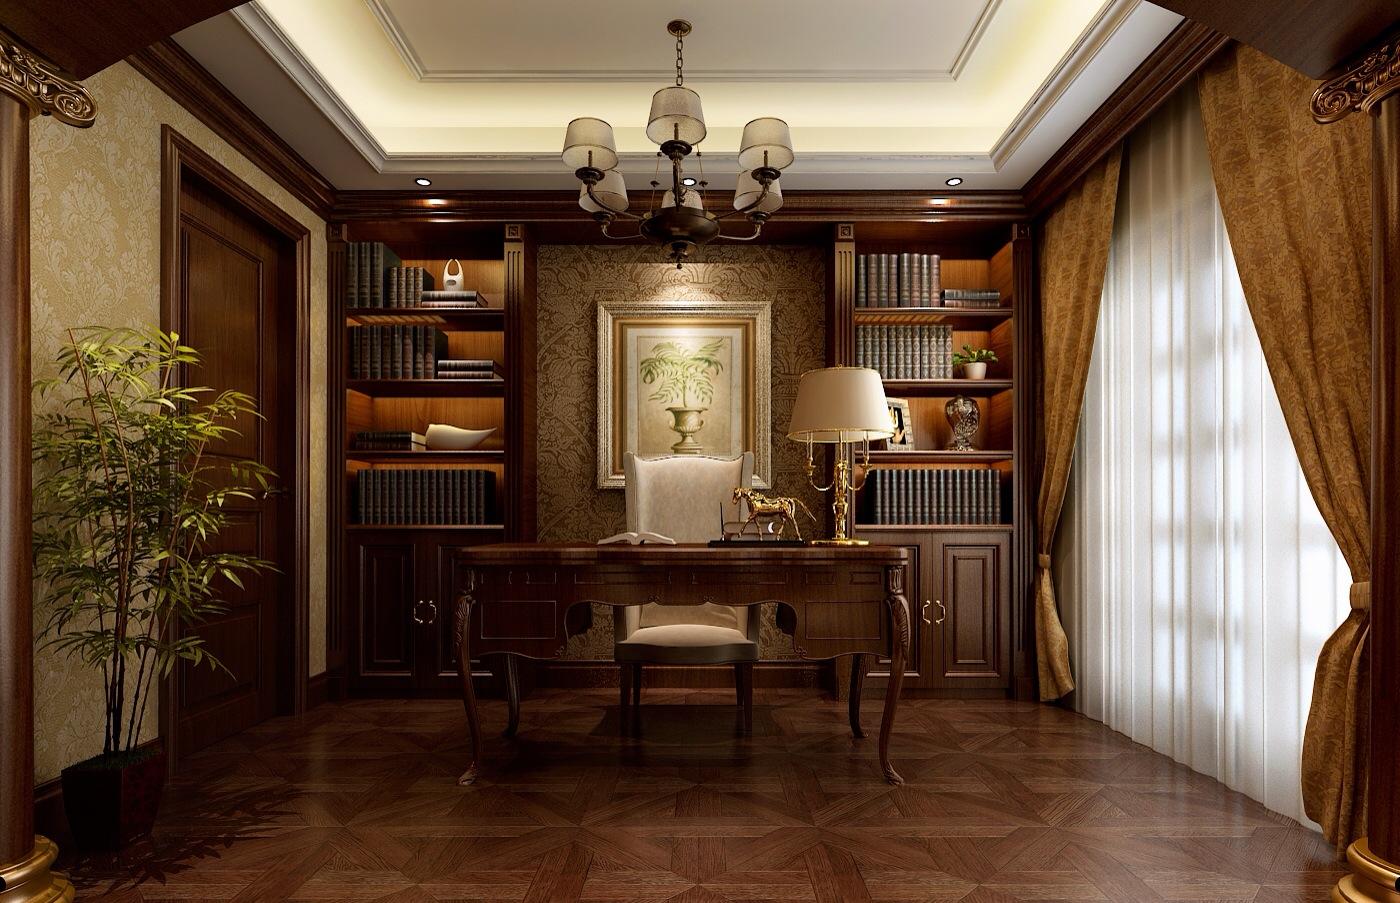 简约 欧式 田园 混搭 二居 三居 别墅 白领 旧房改造 书房图片来自龙发装饰--梁宇在银基王朝的分享